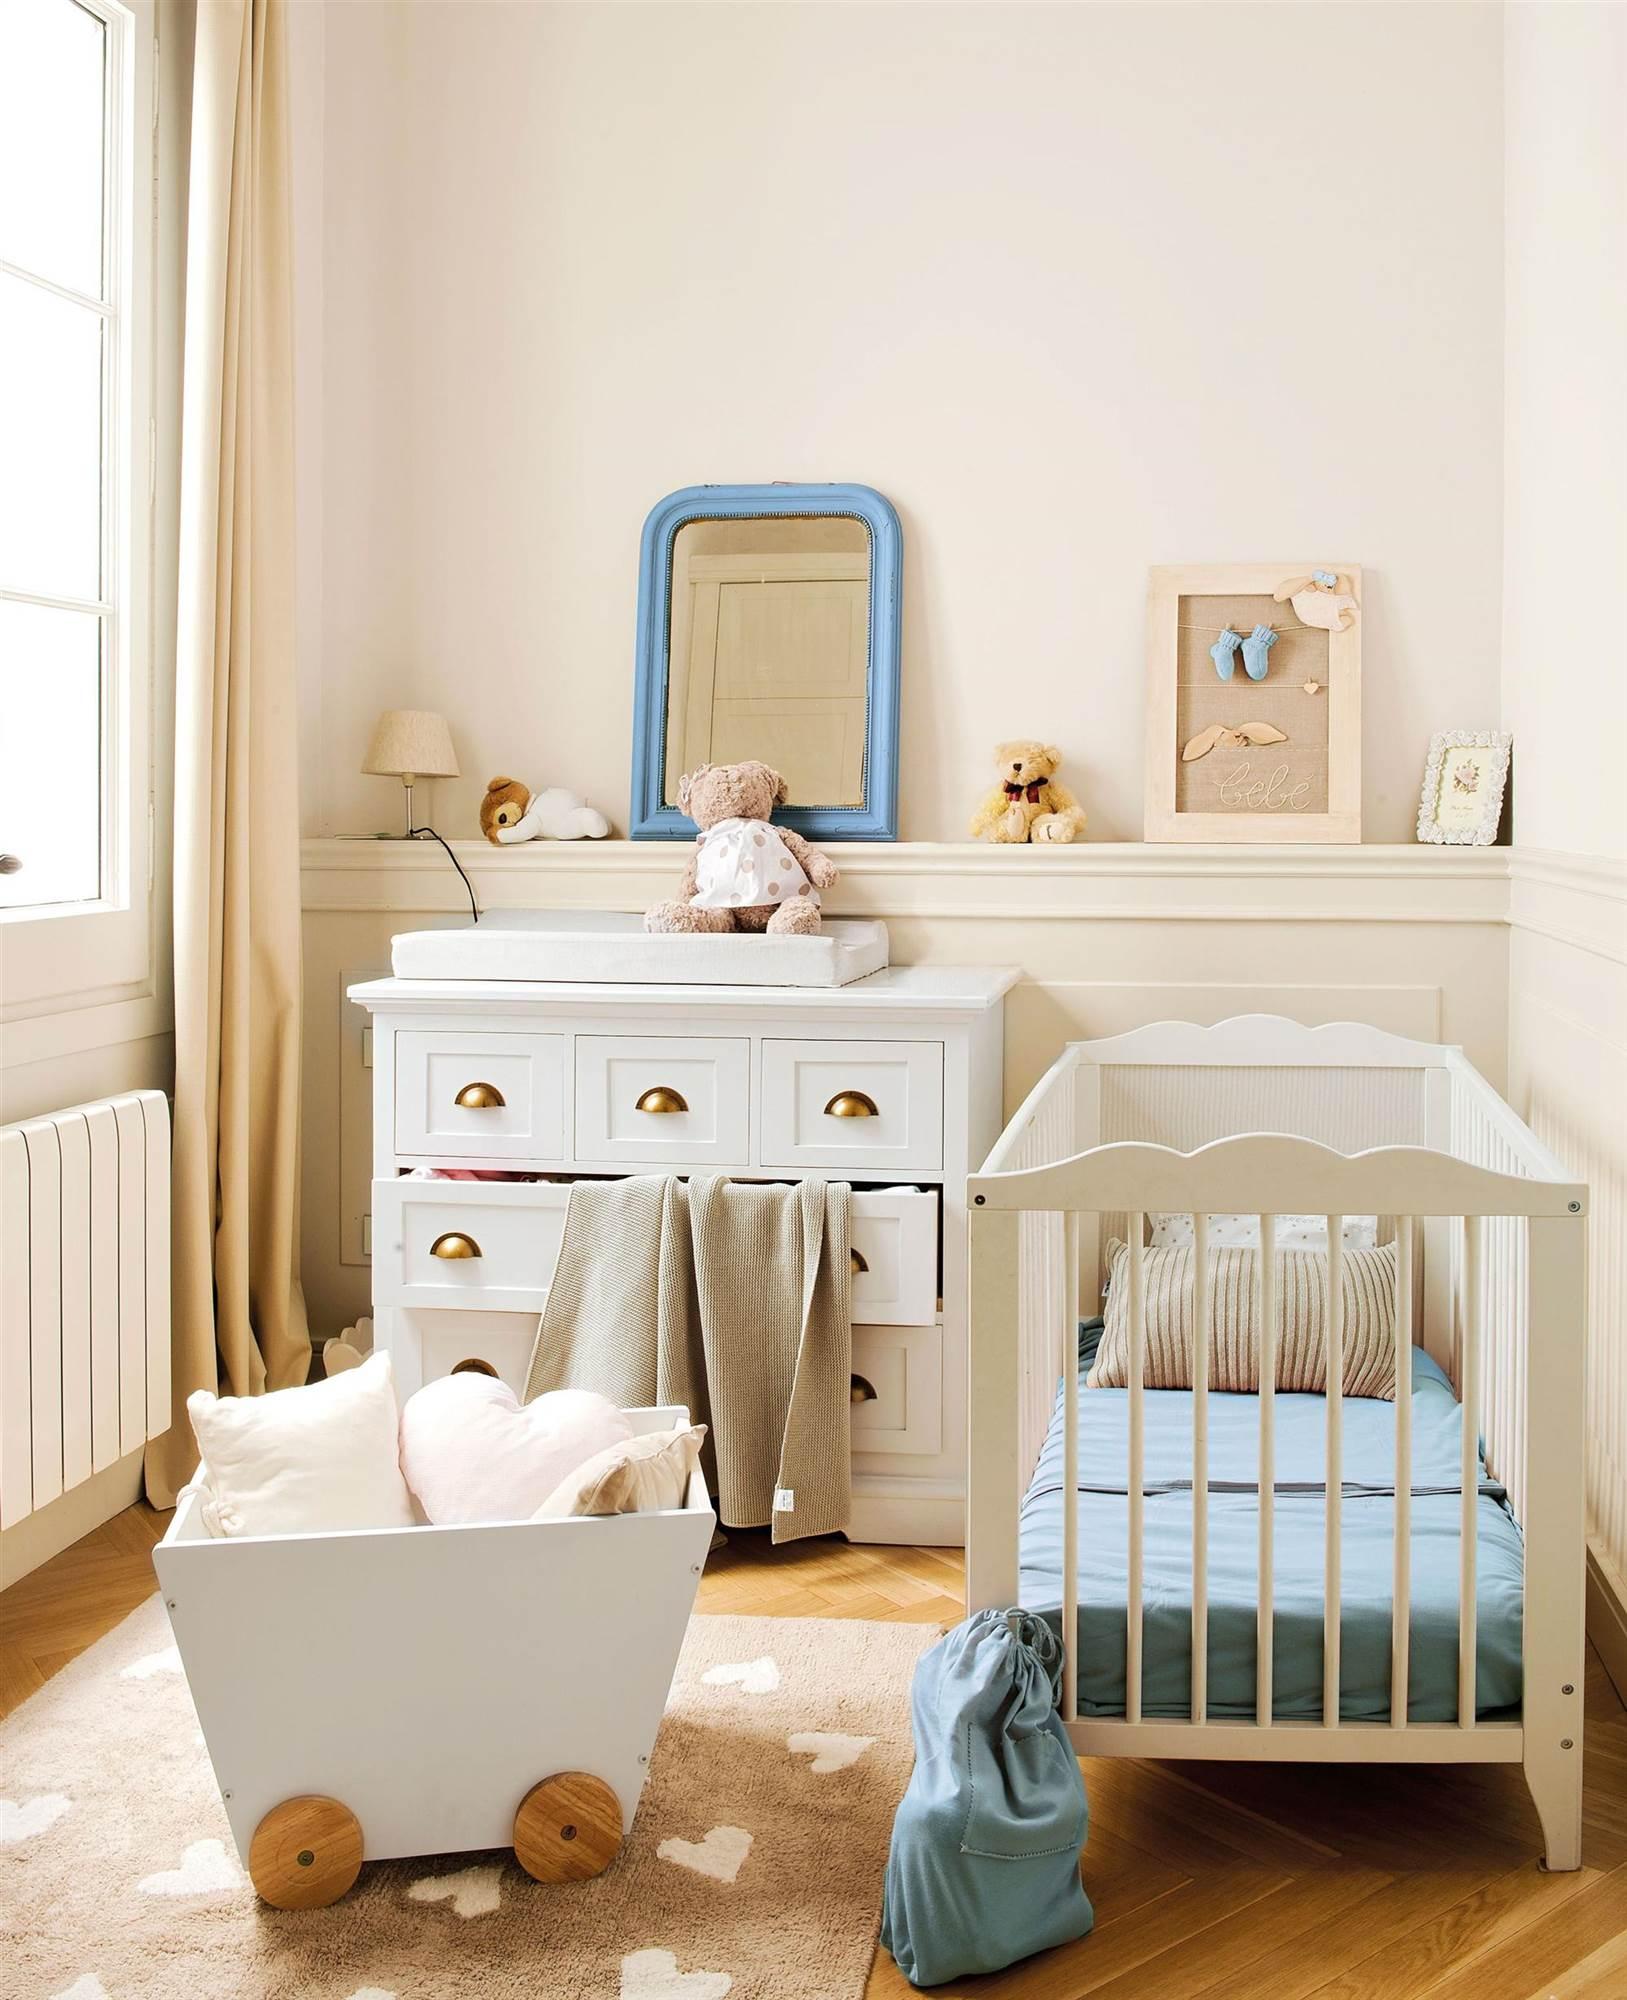 Iluminar bien el cuarto del bebé